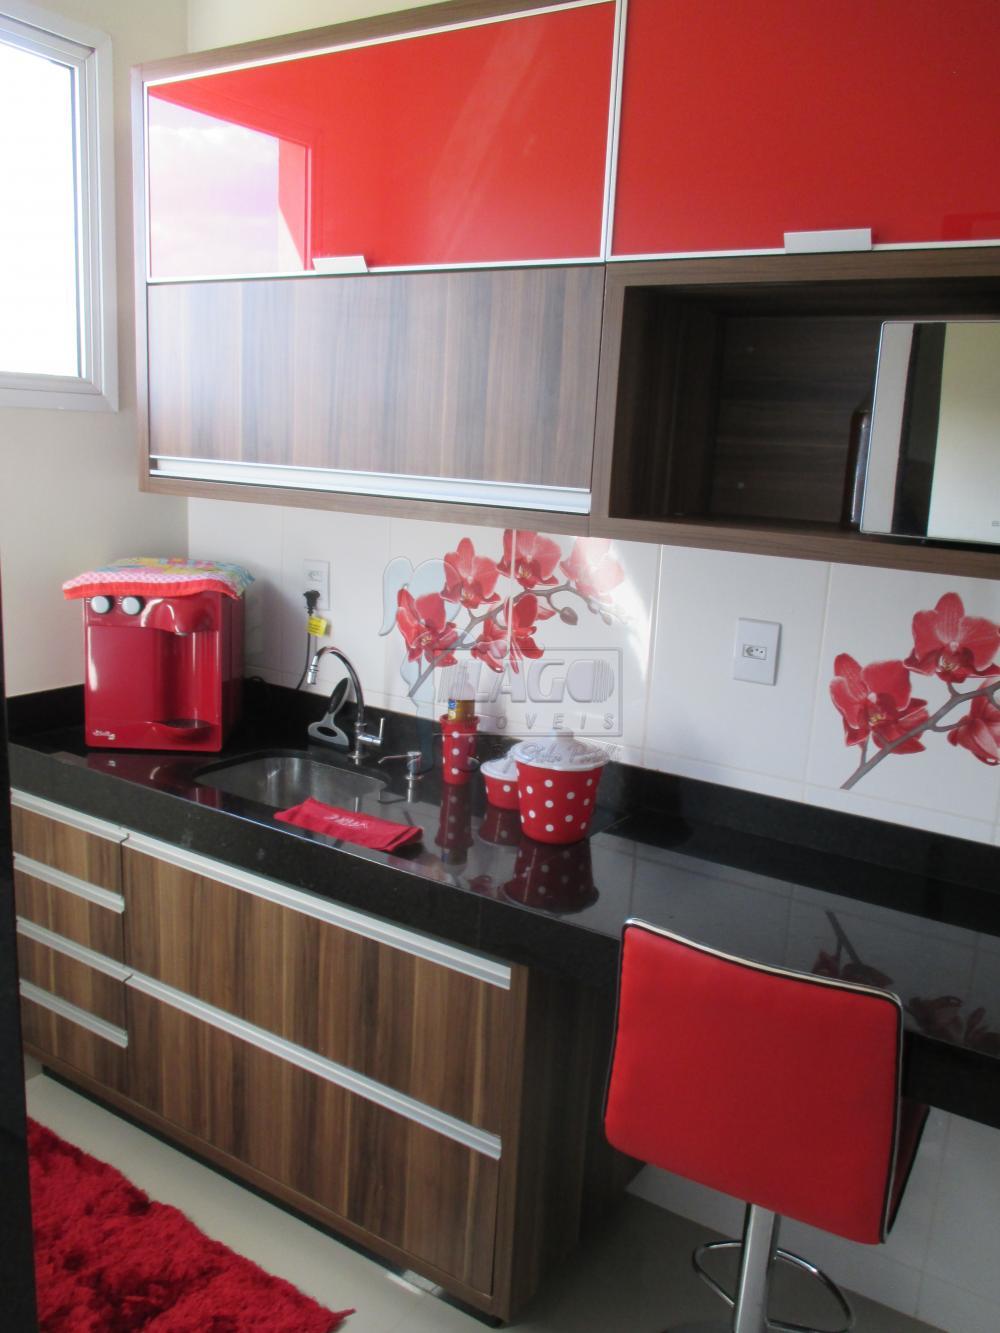 Alugar Casas / Condomínio em Bonfim Paulista apenas R$ 11.400,00 - Foto 19